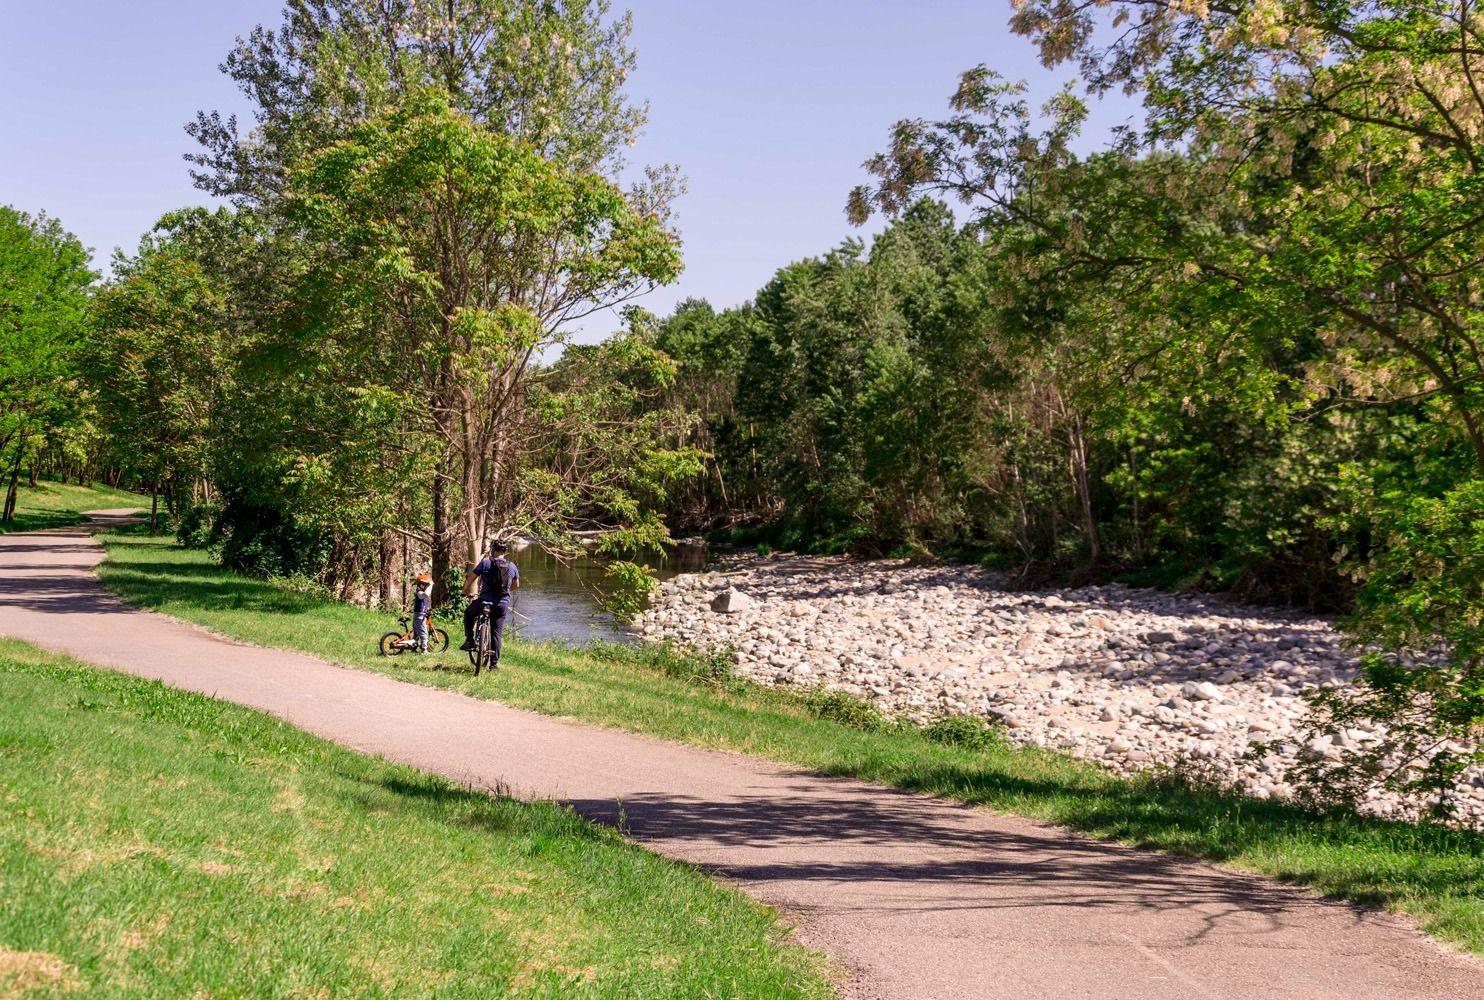 RIVALTA - Il Parco del Sangone ancora più verde con 2500 alberi e arbusti